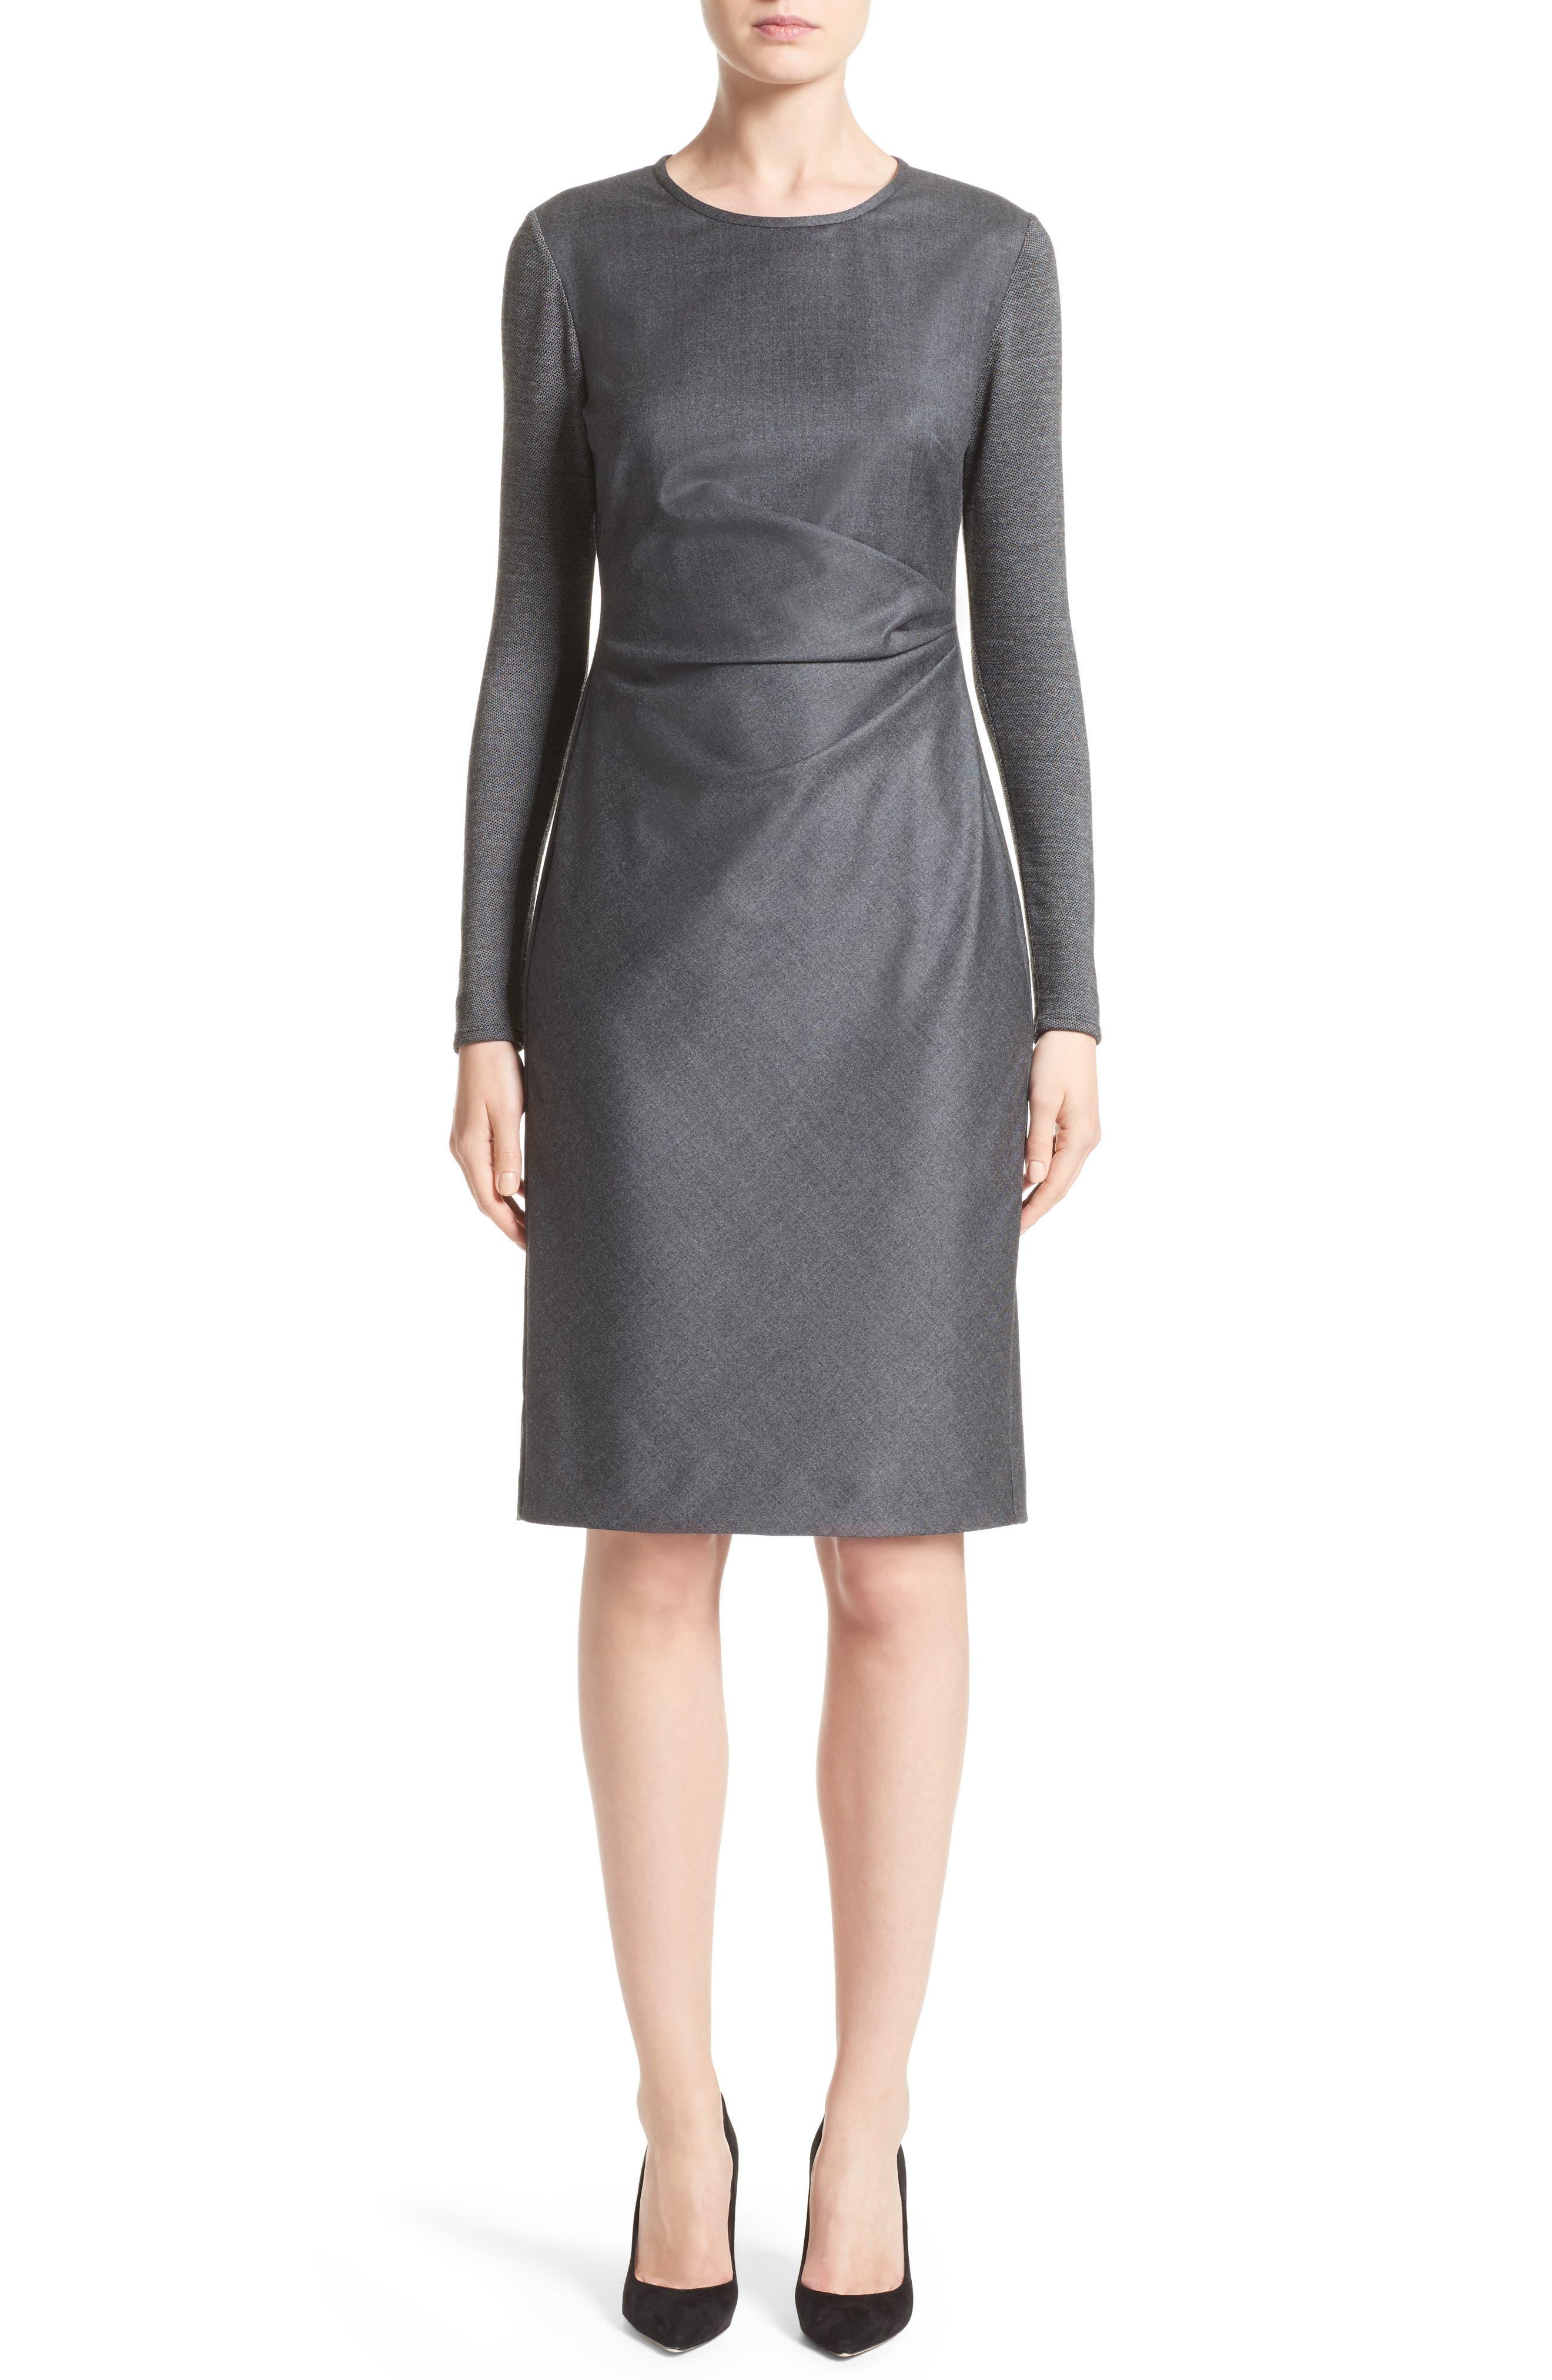 Ragazza Gathered Wool Dress,                             Main thumbnail 1, color,                             Dark Grey